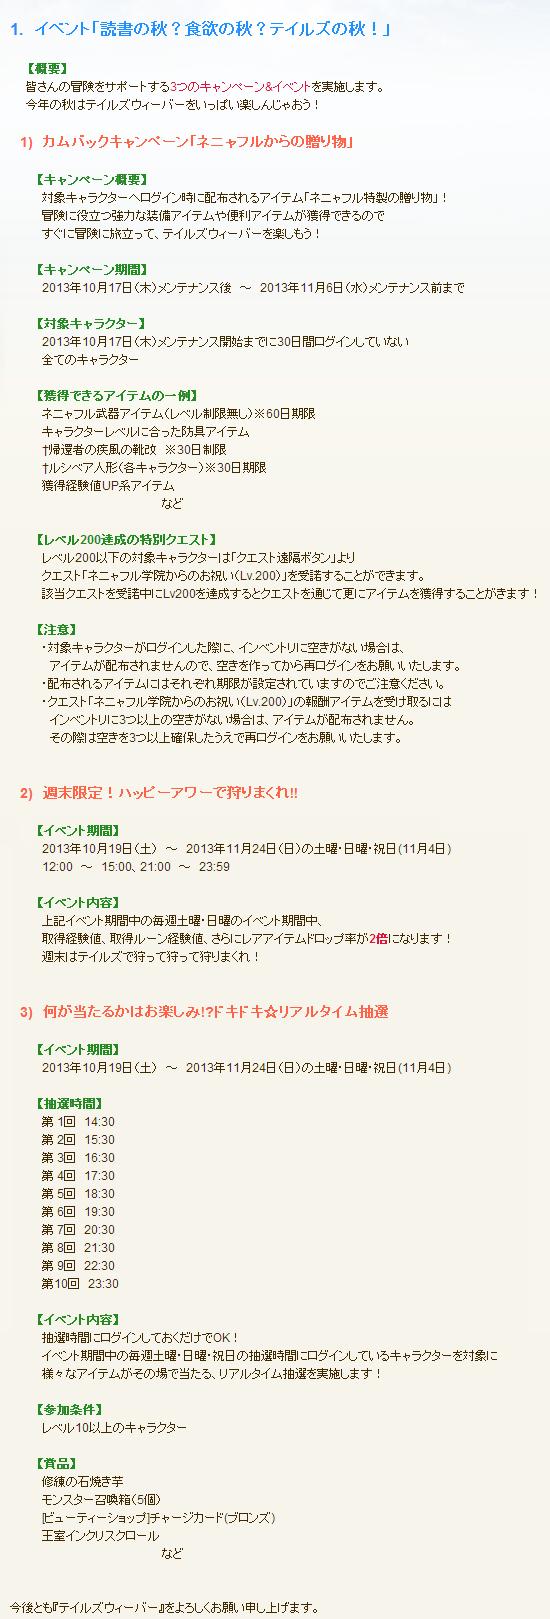 2013秋イベント